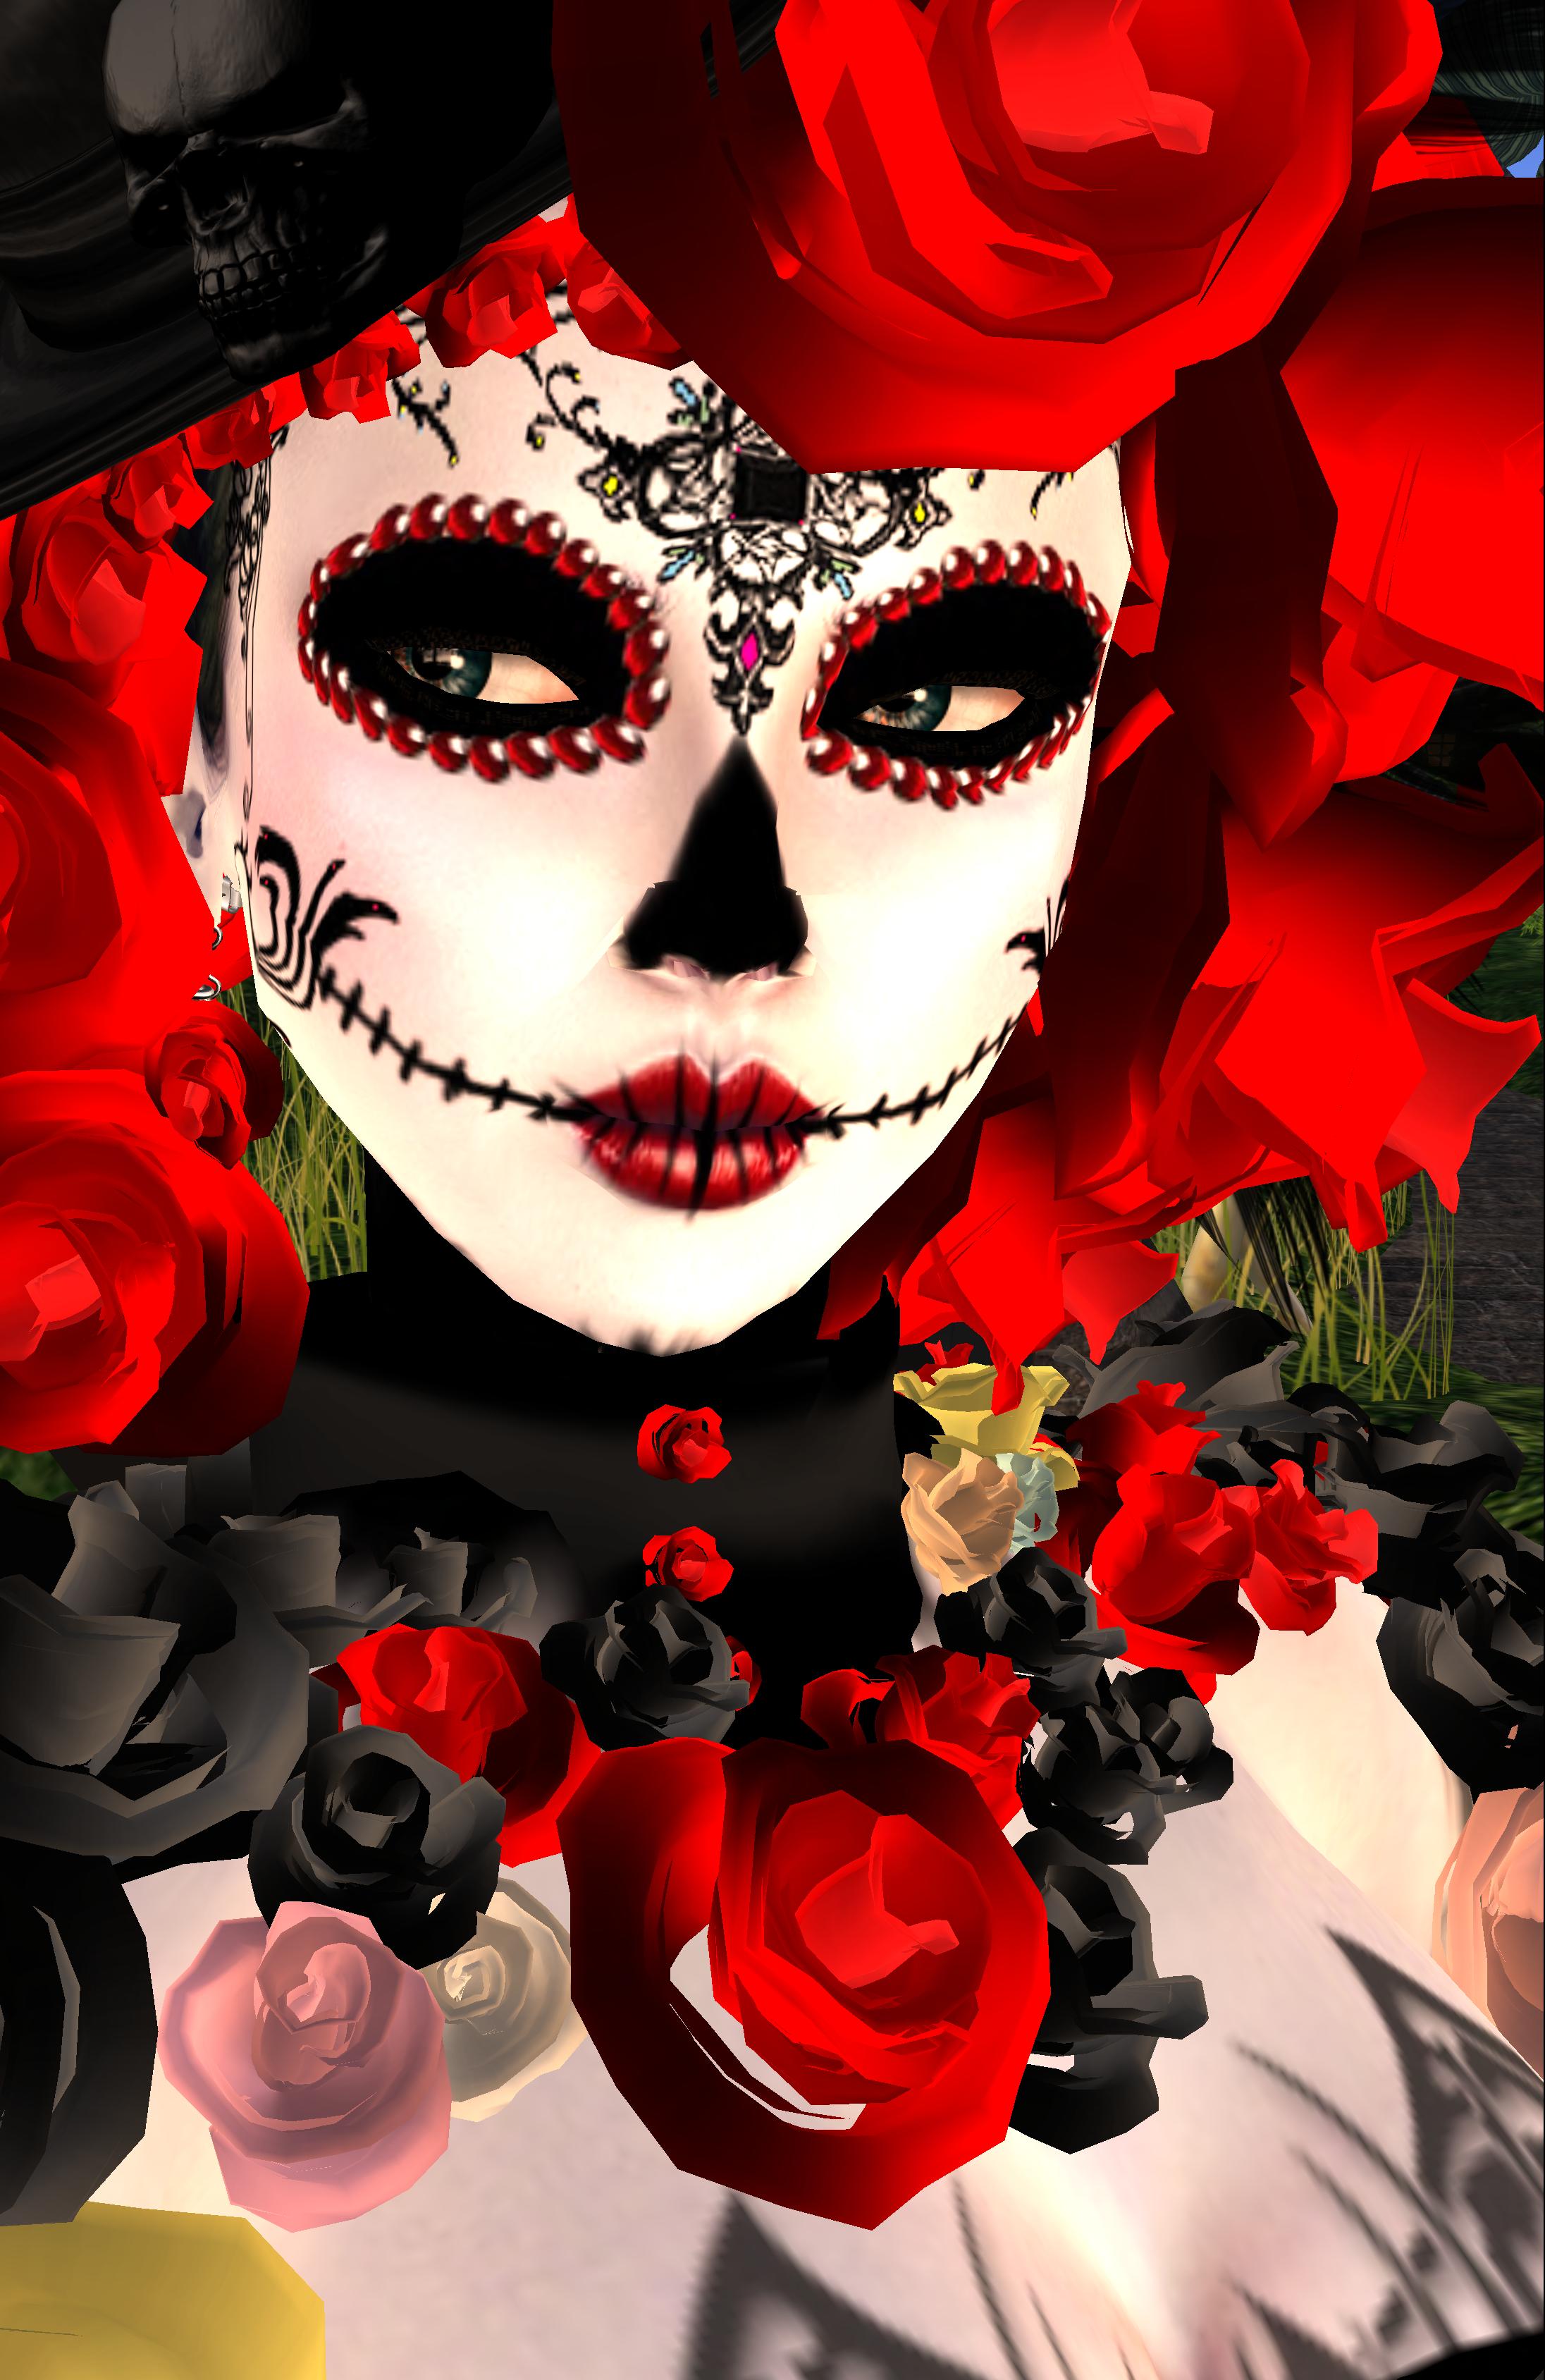 Dia de Muertos Halloween costume party Masquerade ball mask Halloween Wall Deco